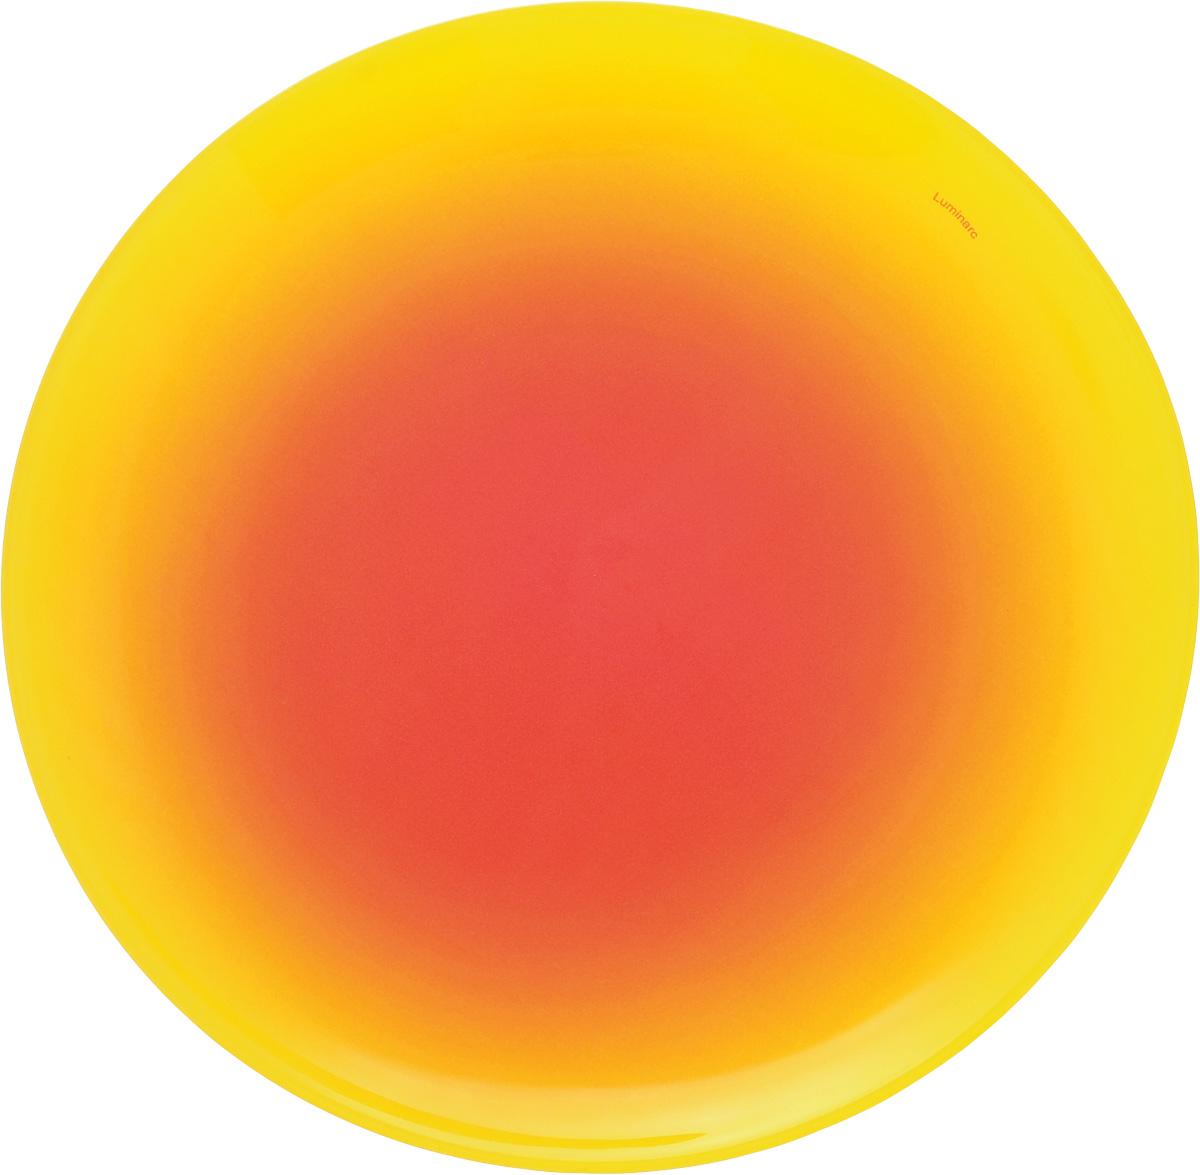 Тарелка десертная Luminarc Fizz Lemon, диаметр 20 смG9551Десертная тарелка Luminarc Fizz Lemon, изготовленная из ударопрочного стекла, декорирована градиентным рисунком. Такая тарелка прекрасно подходит как для торжественных случаев, так и для повседневного использования. Идеальна для подачи десертов, пирожных, тортов и многого другого. Она прекрасно оформит стол и станет отличным дополнением к вашей коллекции кухонной посуды. Диаметр тарелки: 20 см. Высота тарелки: 1,5 см.